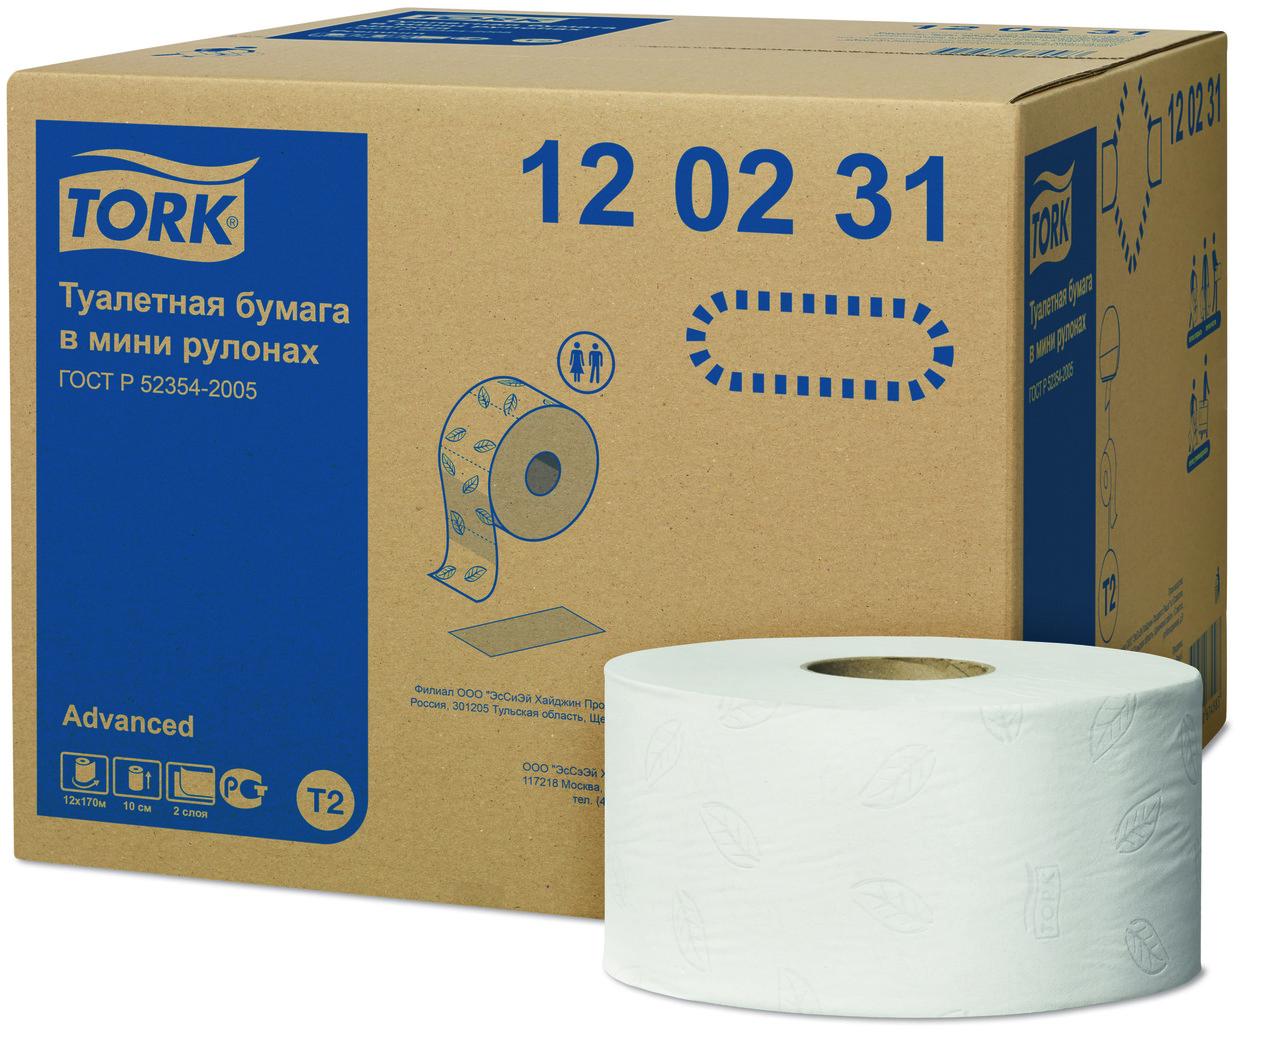 120231 Tork туалетная бумага в рулонах 170м.